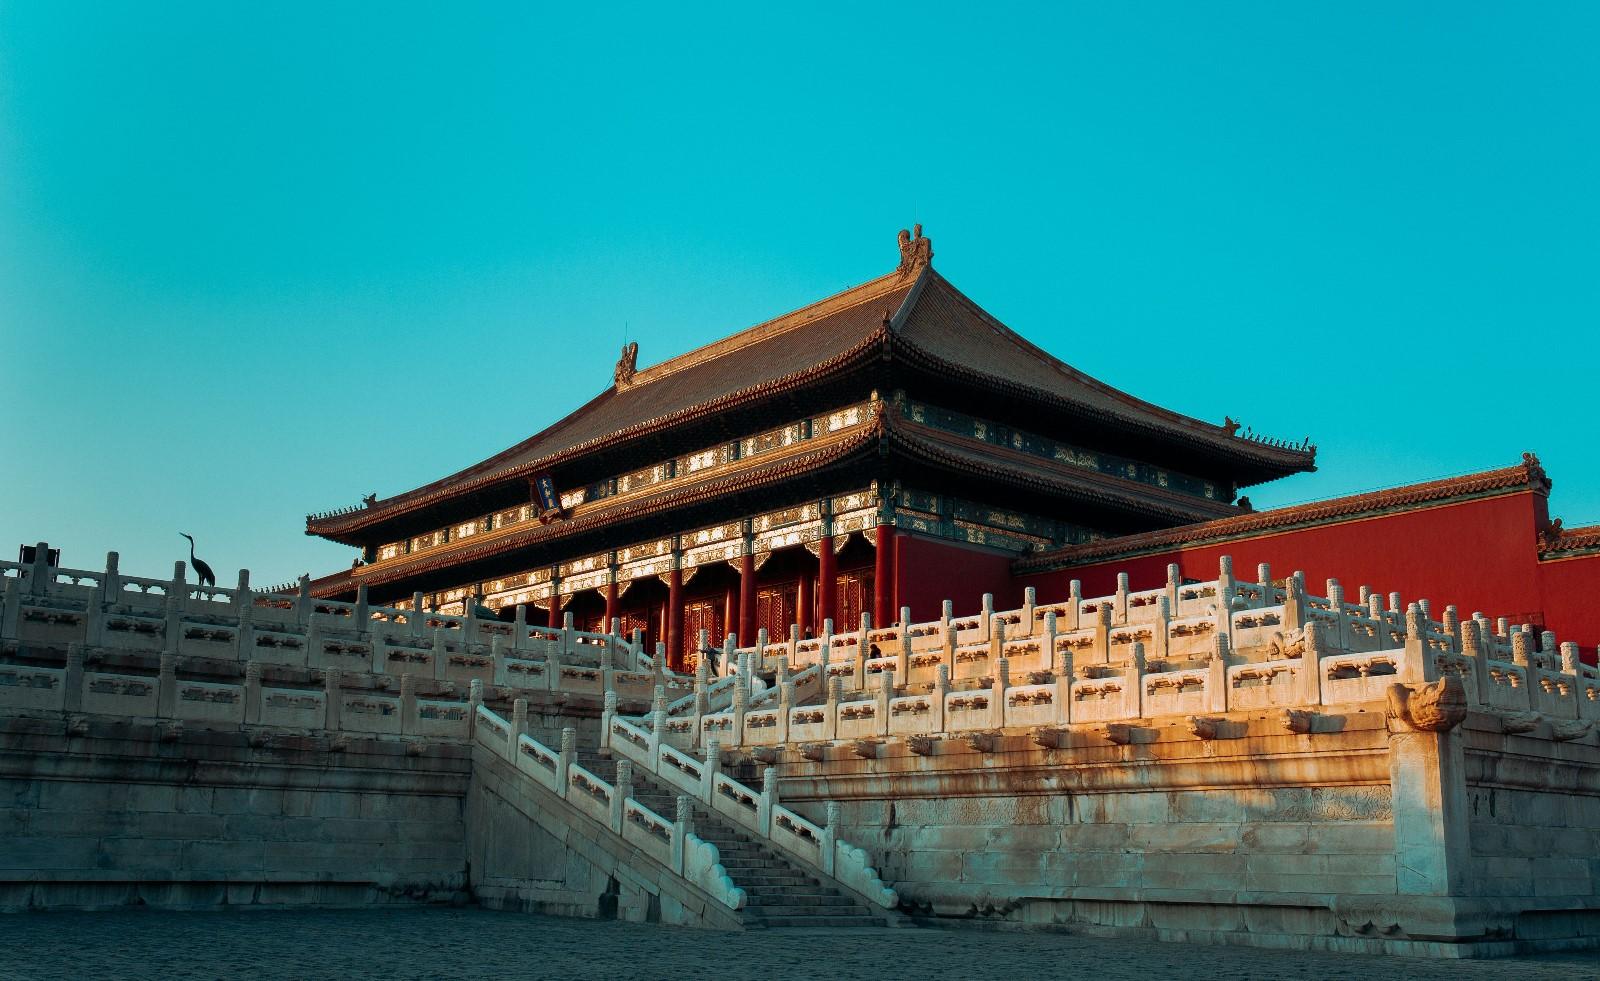 【与佳同行,自在游天下】带着爱人玩转北京,感受帝都独一份的风景